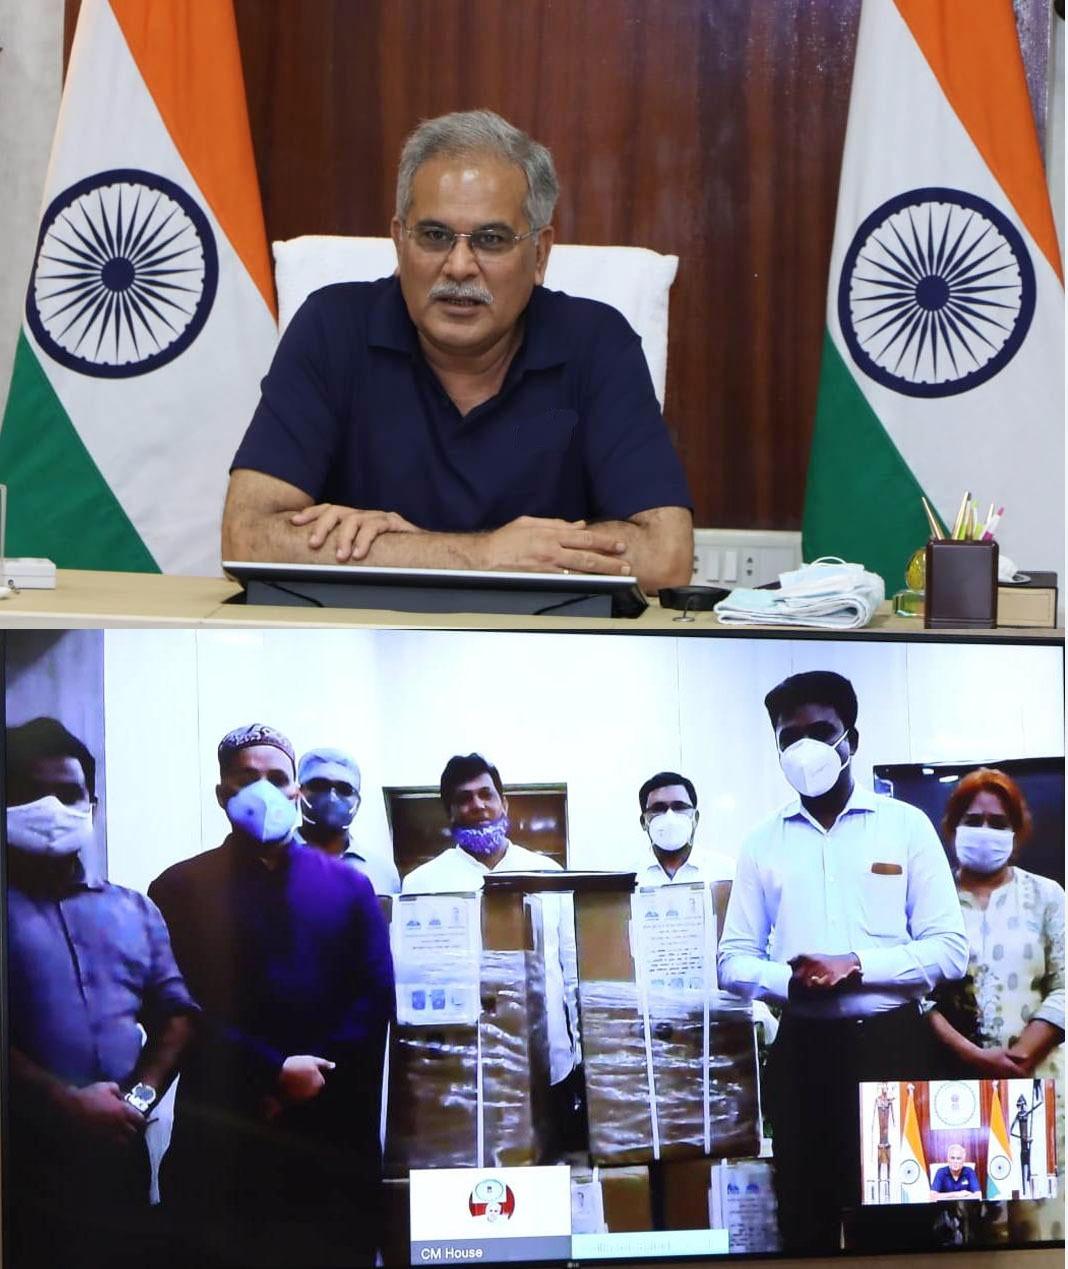 मुख्यमंत्री भूपेश बघेल की वर्चुअल मौजूदगी में छत्तीसगढ़ जकात फाउंडेशन ने कोरोना मरीजों के इलाज के लिए पांच ऑक्सीजन कंसंट्रेटर मशीन भेंट की